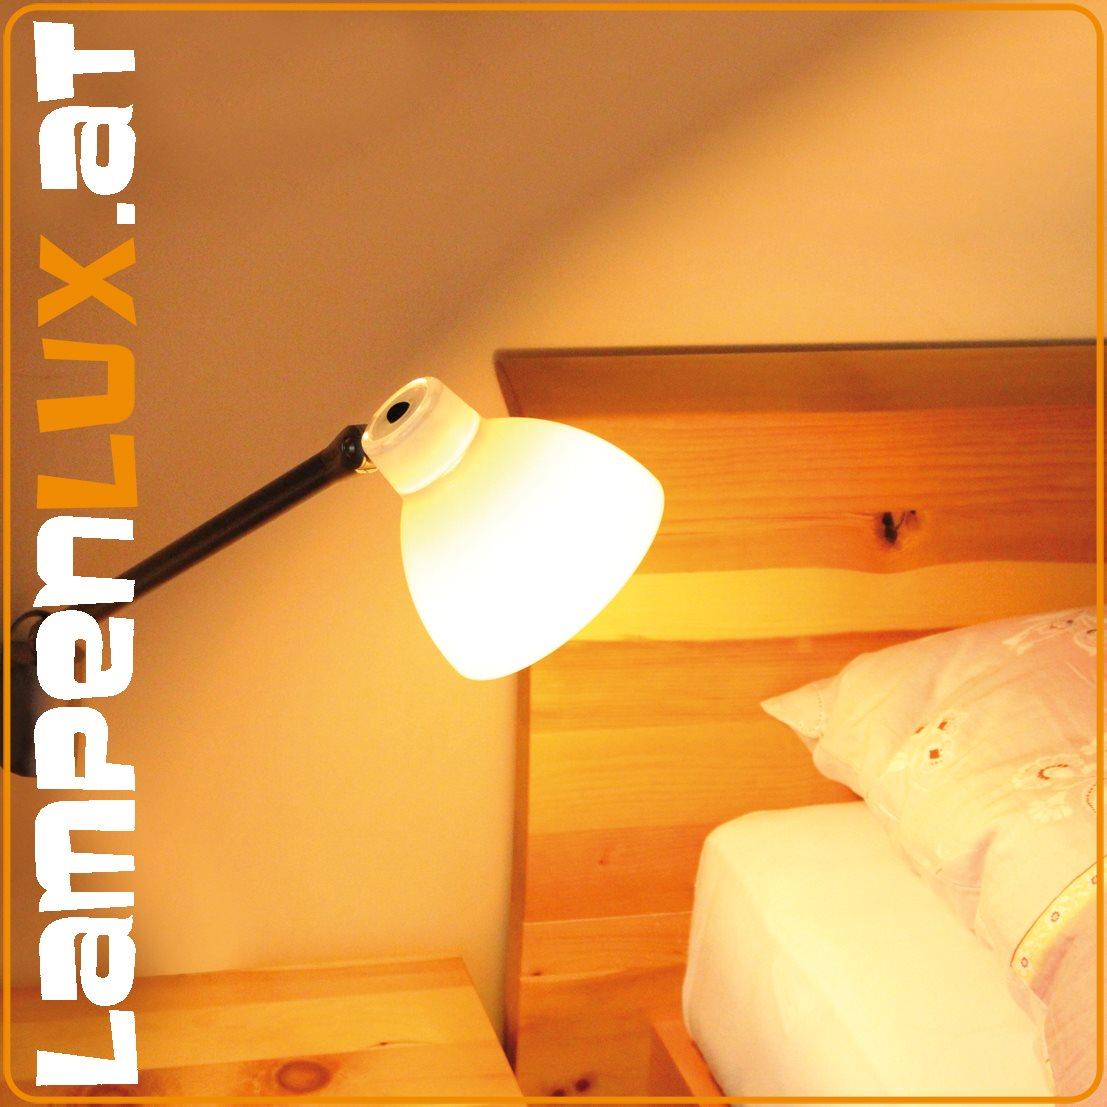 Lampenlux LED Bettlampe Pluto Bettleuchte Wandlampe Wandleuchte Leseleuchte Leselicht Schwarz Weiß Schalter schwenkbar Schreibtischlampe beweglich